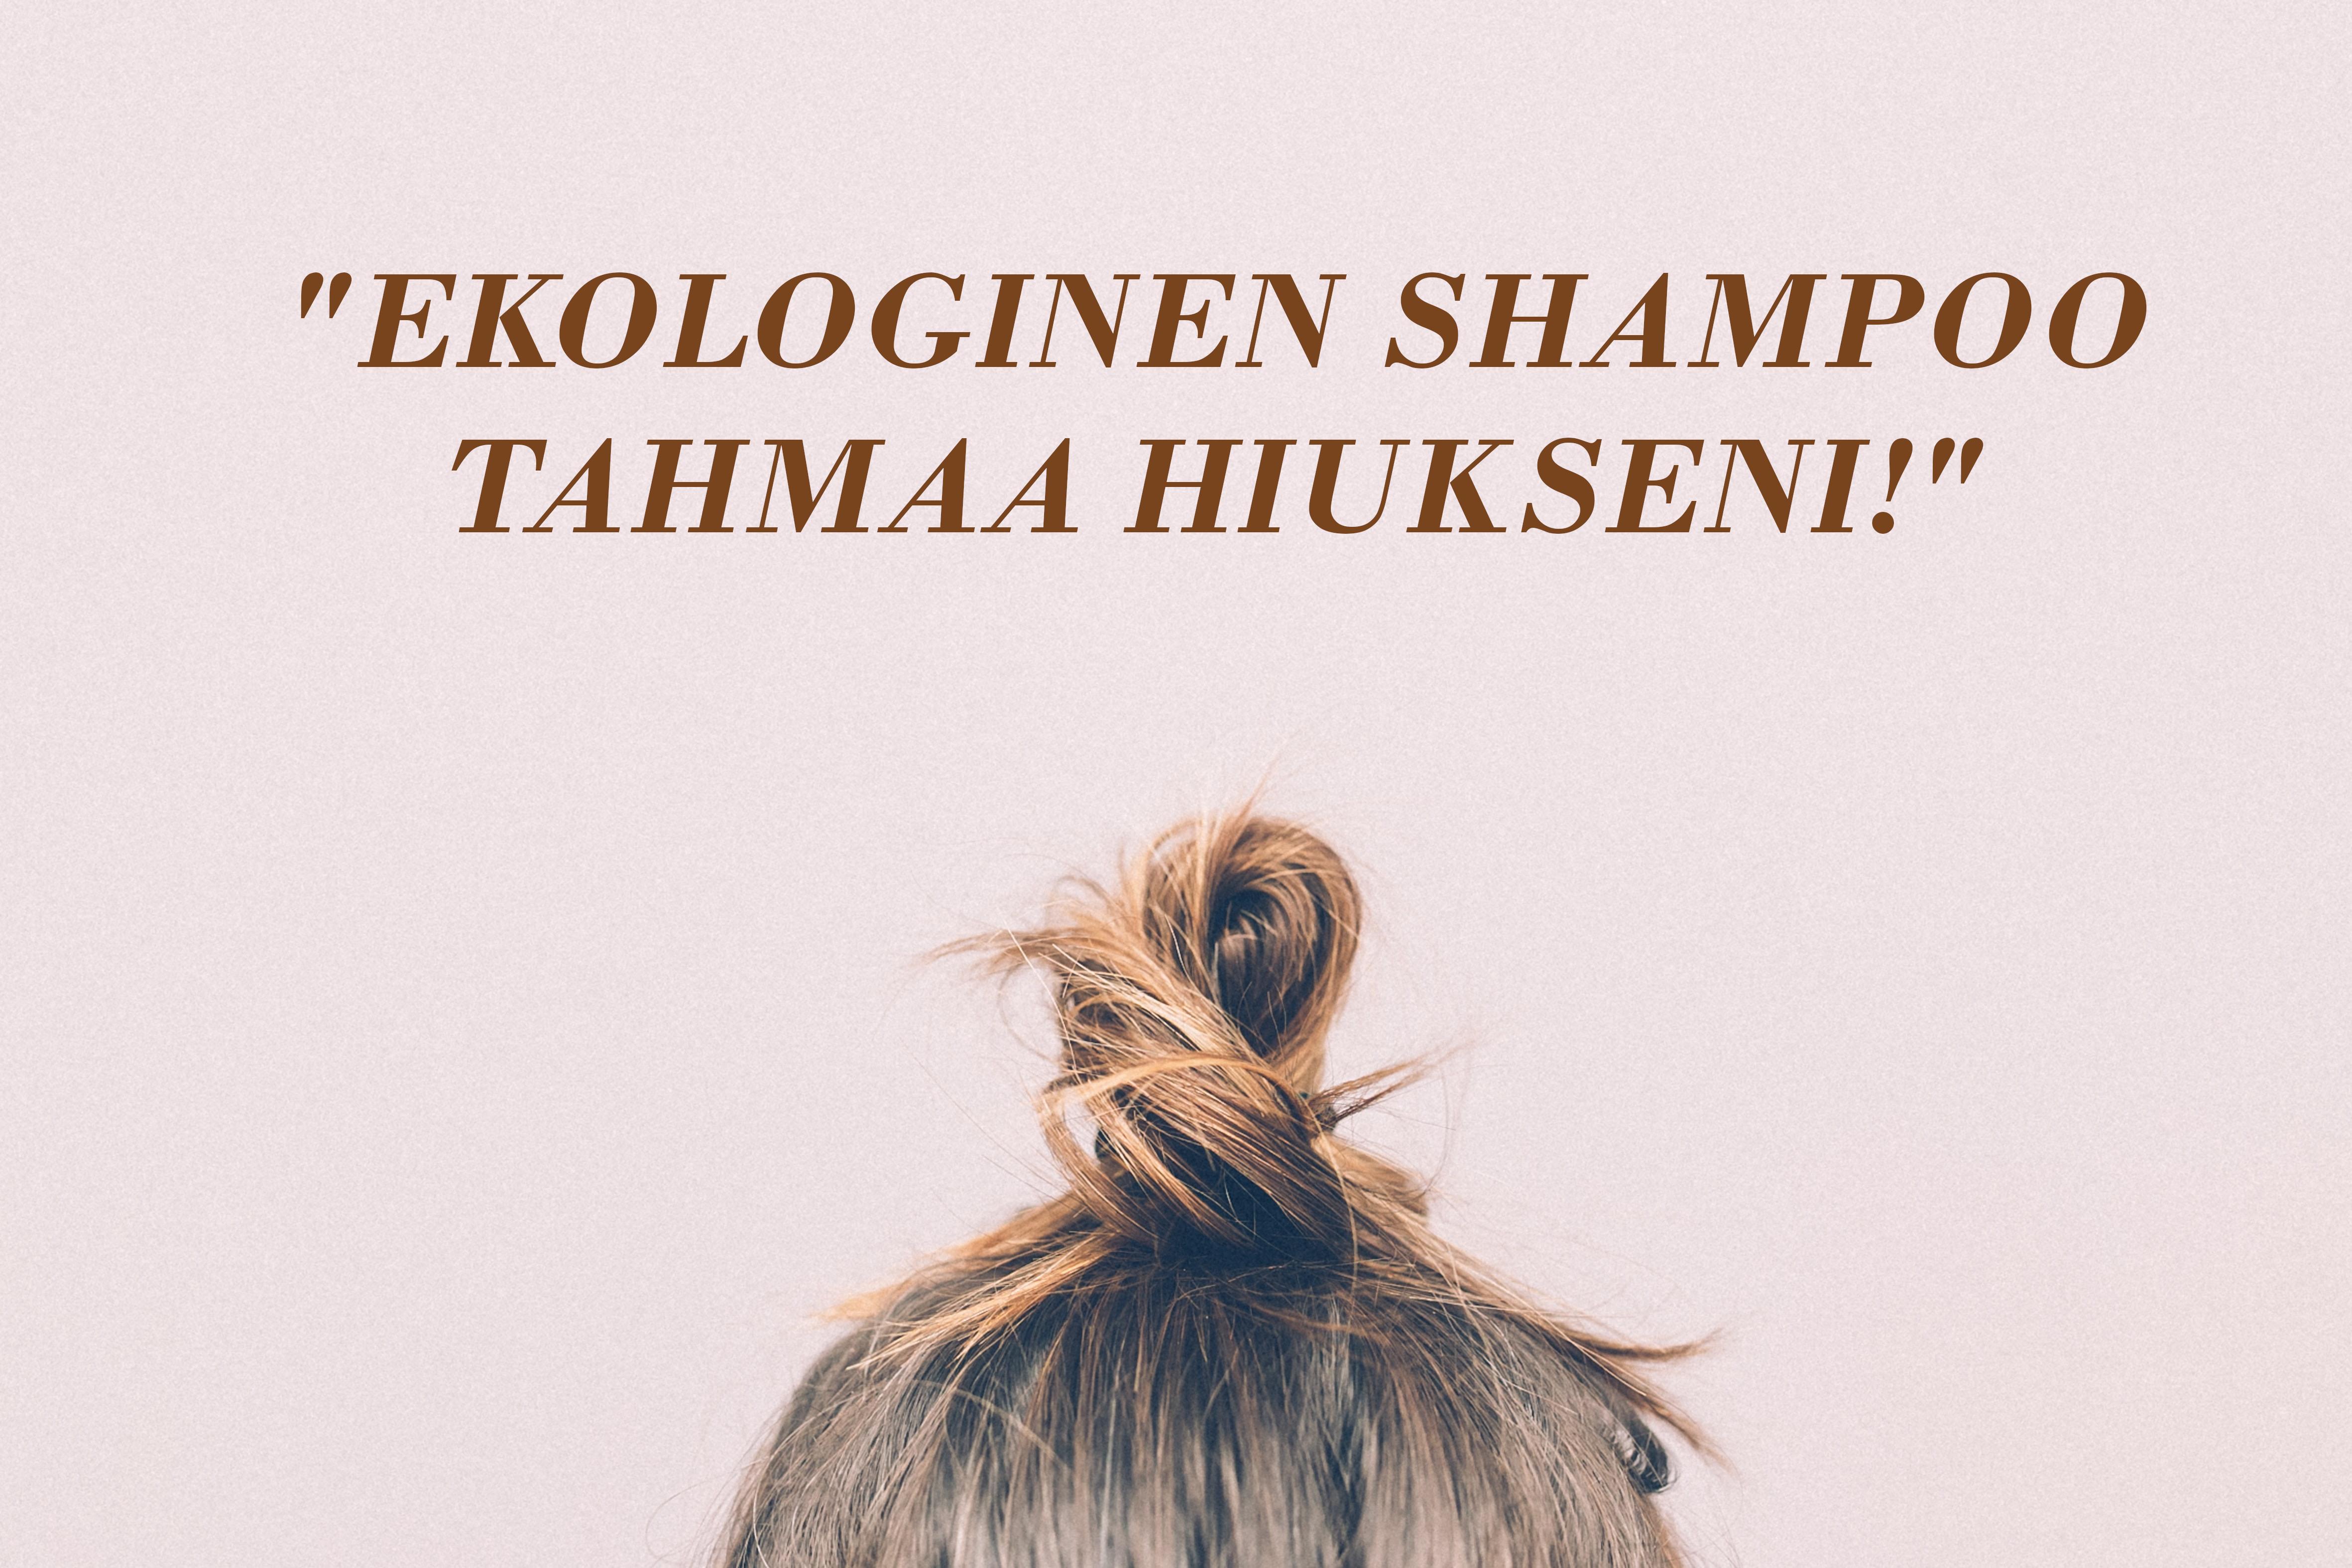 Inhottavaa! Ekologinen shampoo tahmaa hiukseni!